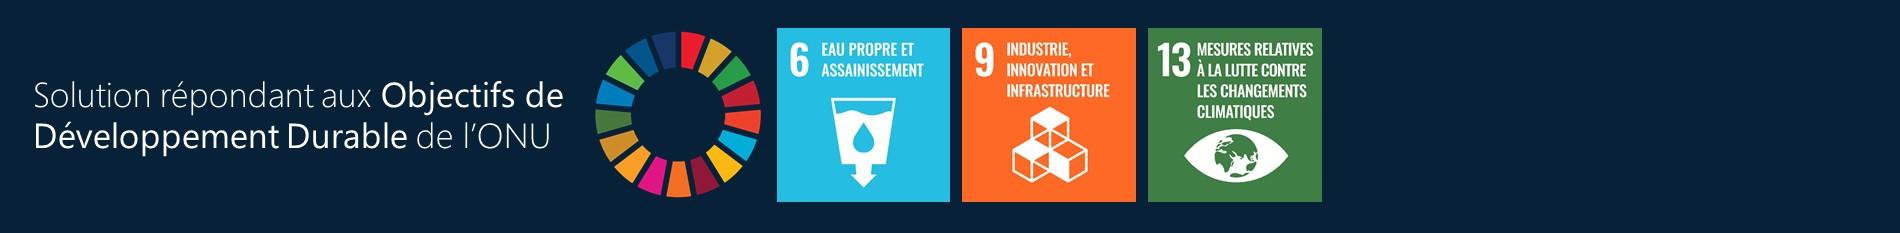 Objectifs Developpement Durable ONU GPATO